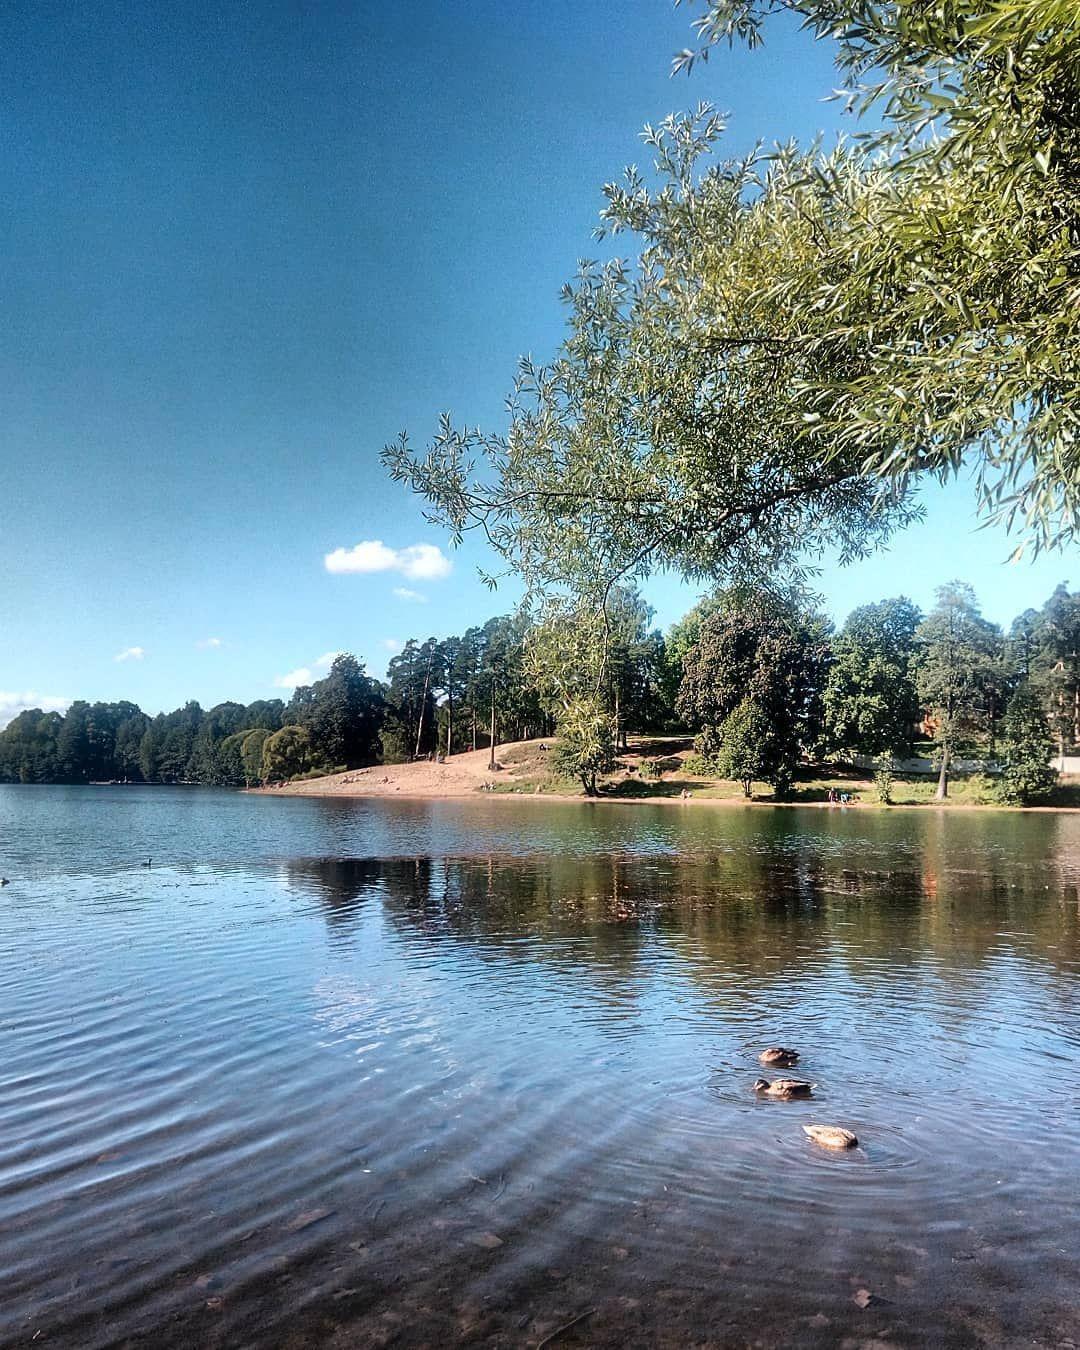 верхнее суздальское озеро, город санкт-петербург фото день ...